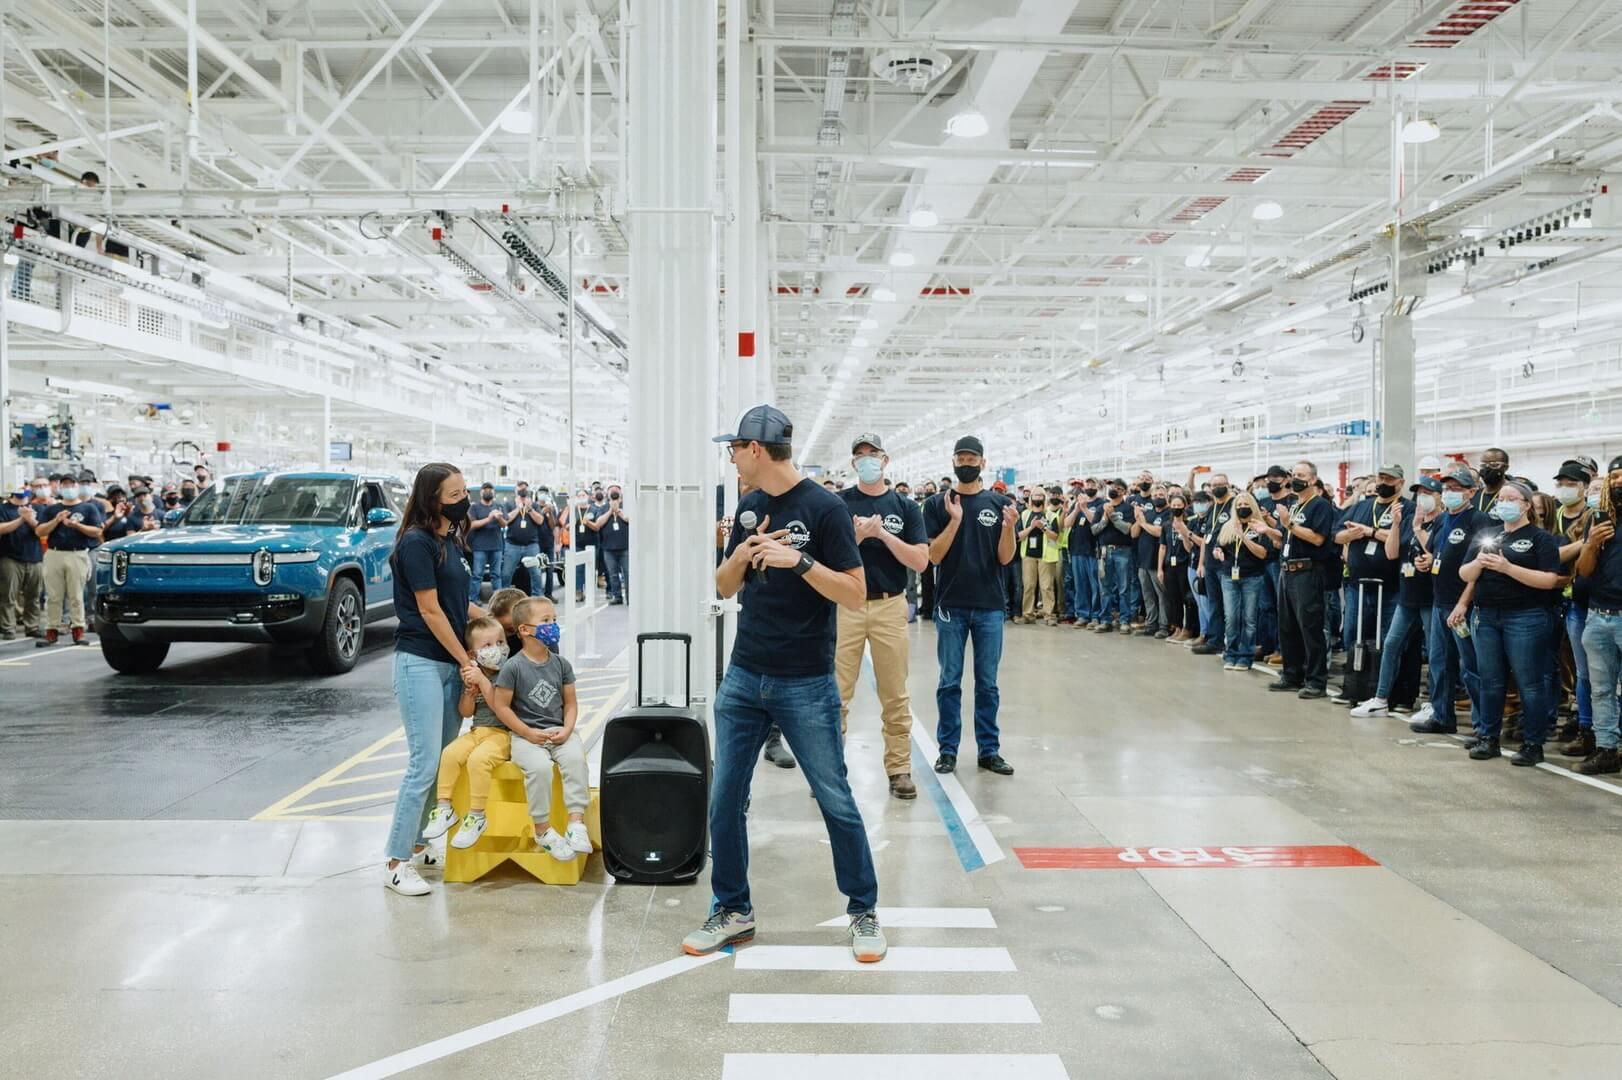 Стартап электромобилей Rivian— первый автопроизводитель, выпустивший нарынок электрический пикап, опередив Tesla, Ford иGeneral Motors